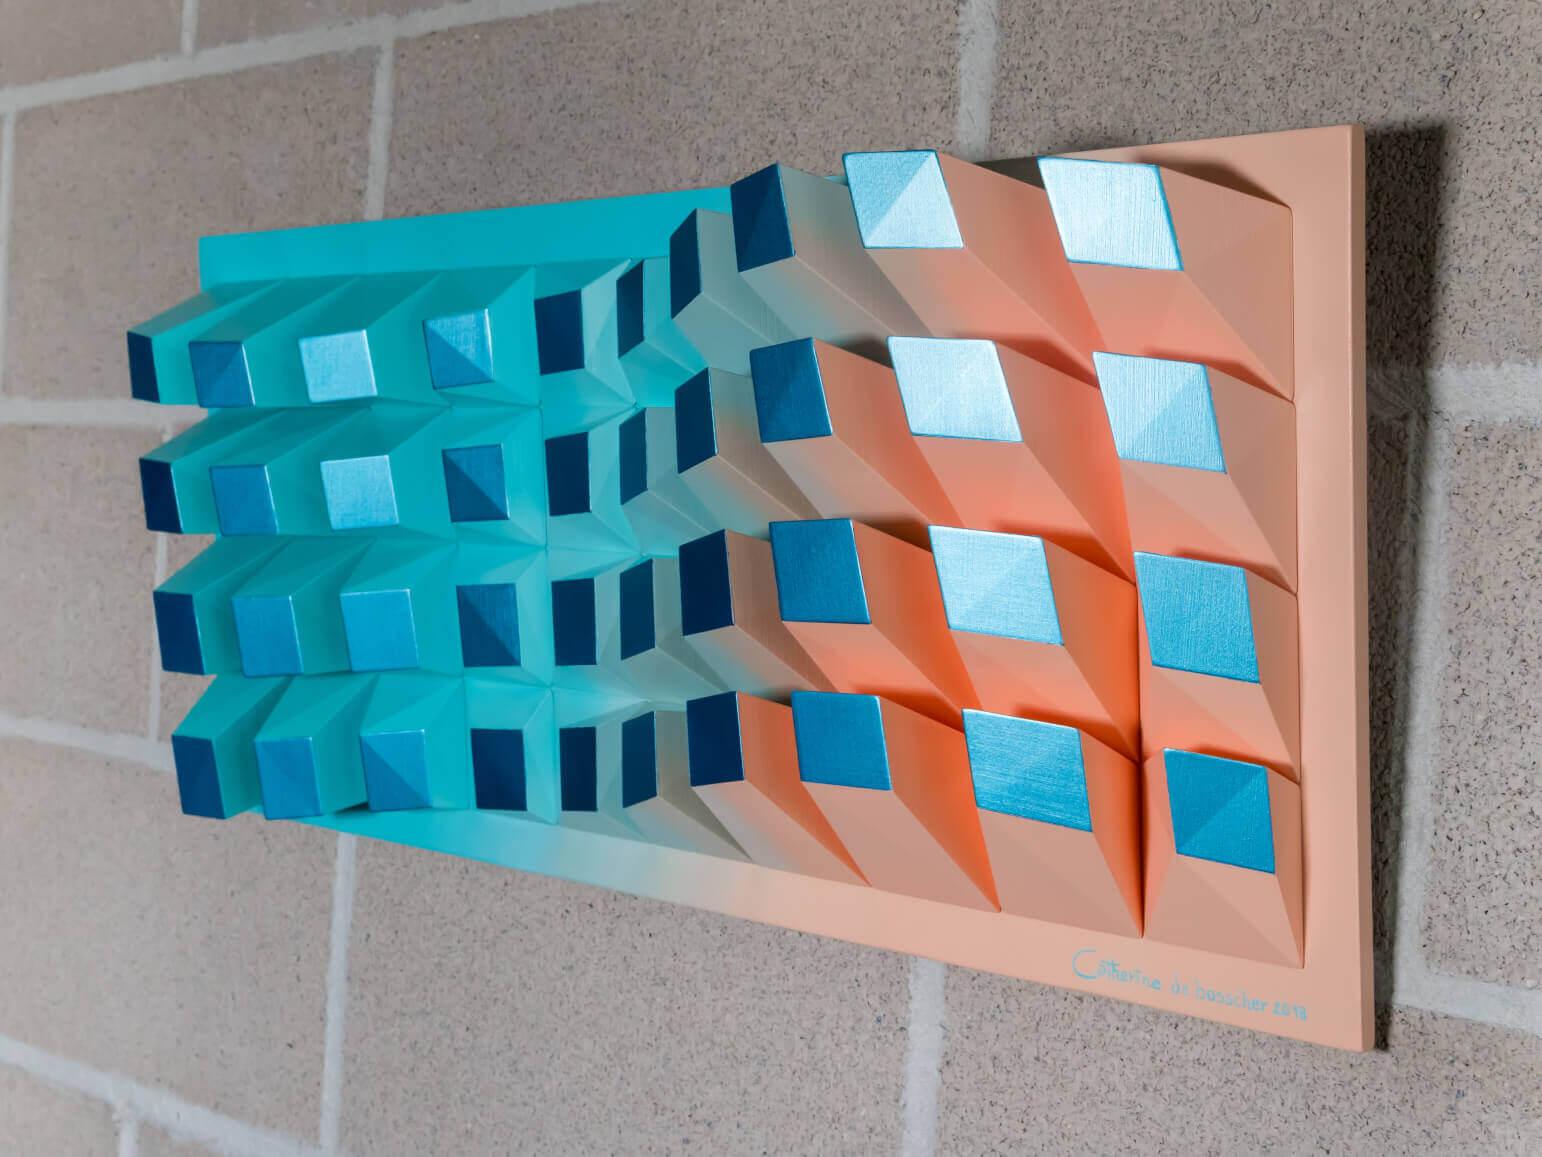 """'Matrix 040' Wall Sculpture 31x69x8,5 cm/ 12.2x27.2x3.3"""""""